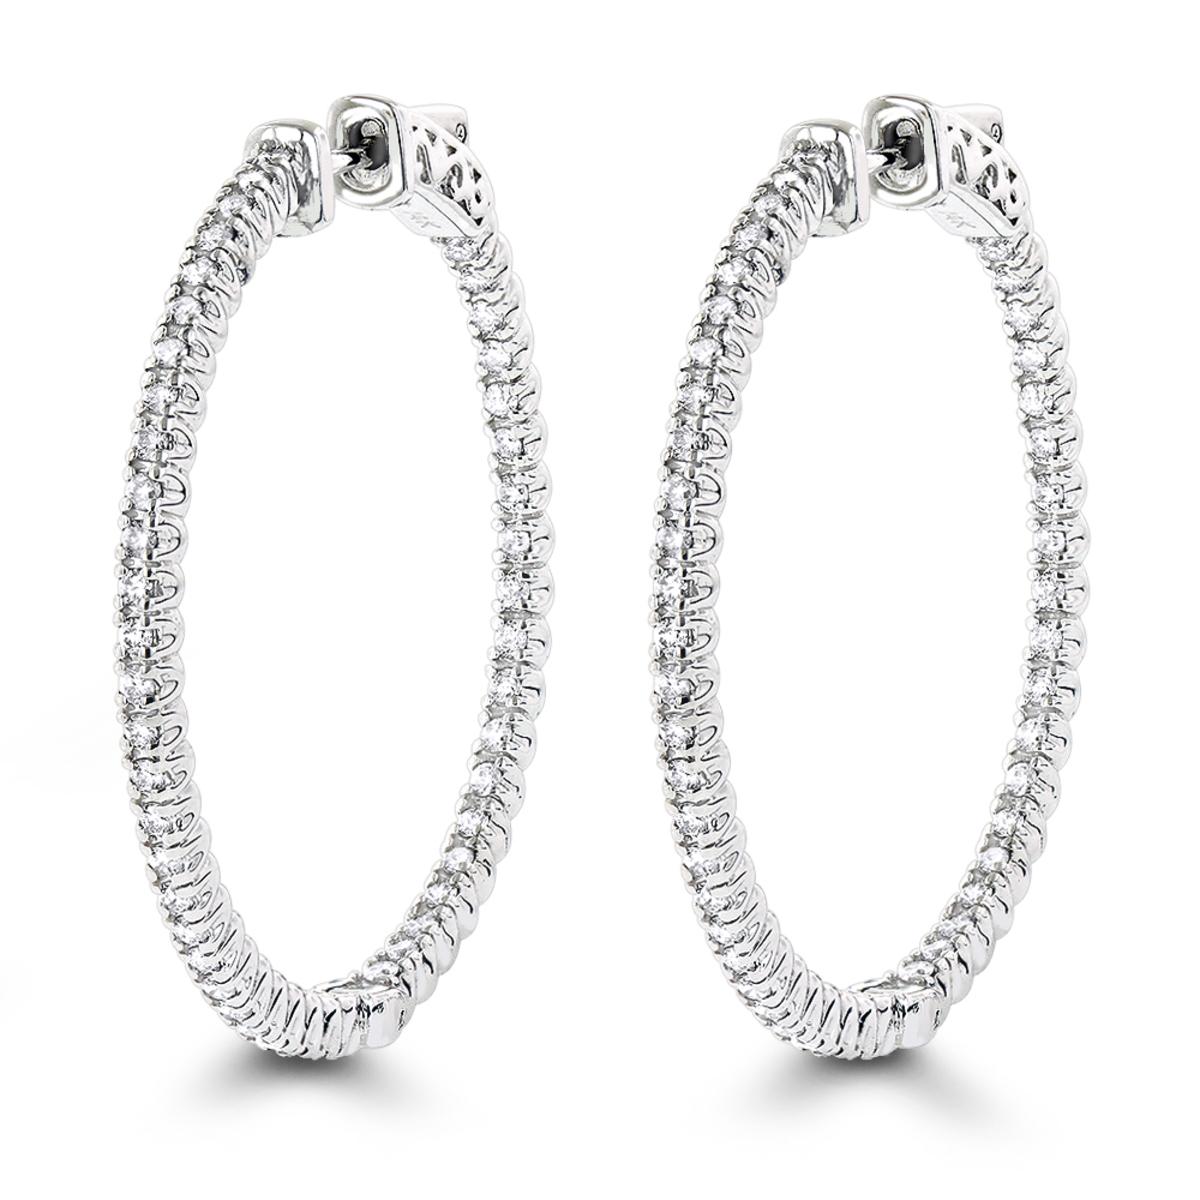 1.5in 14K Gold Diamond Hoop Earrings Inside Out 1ct by Luxurman